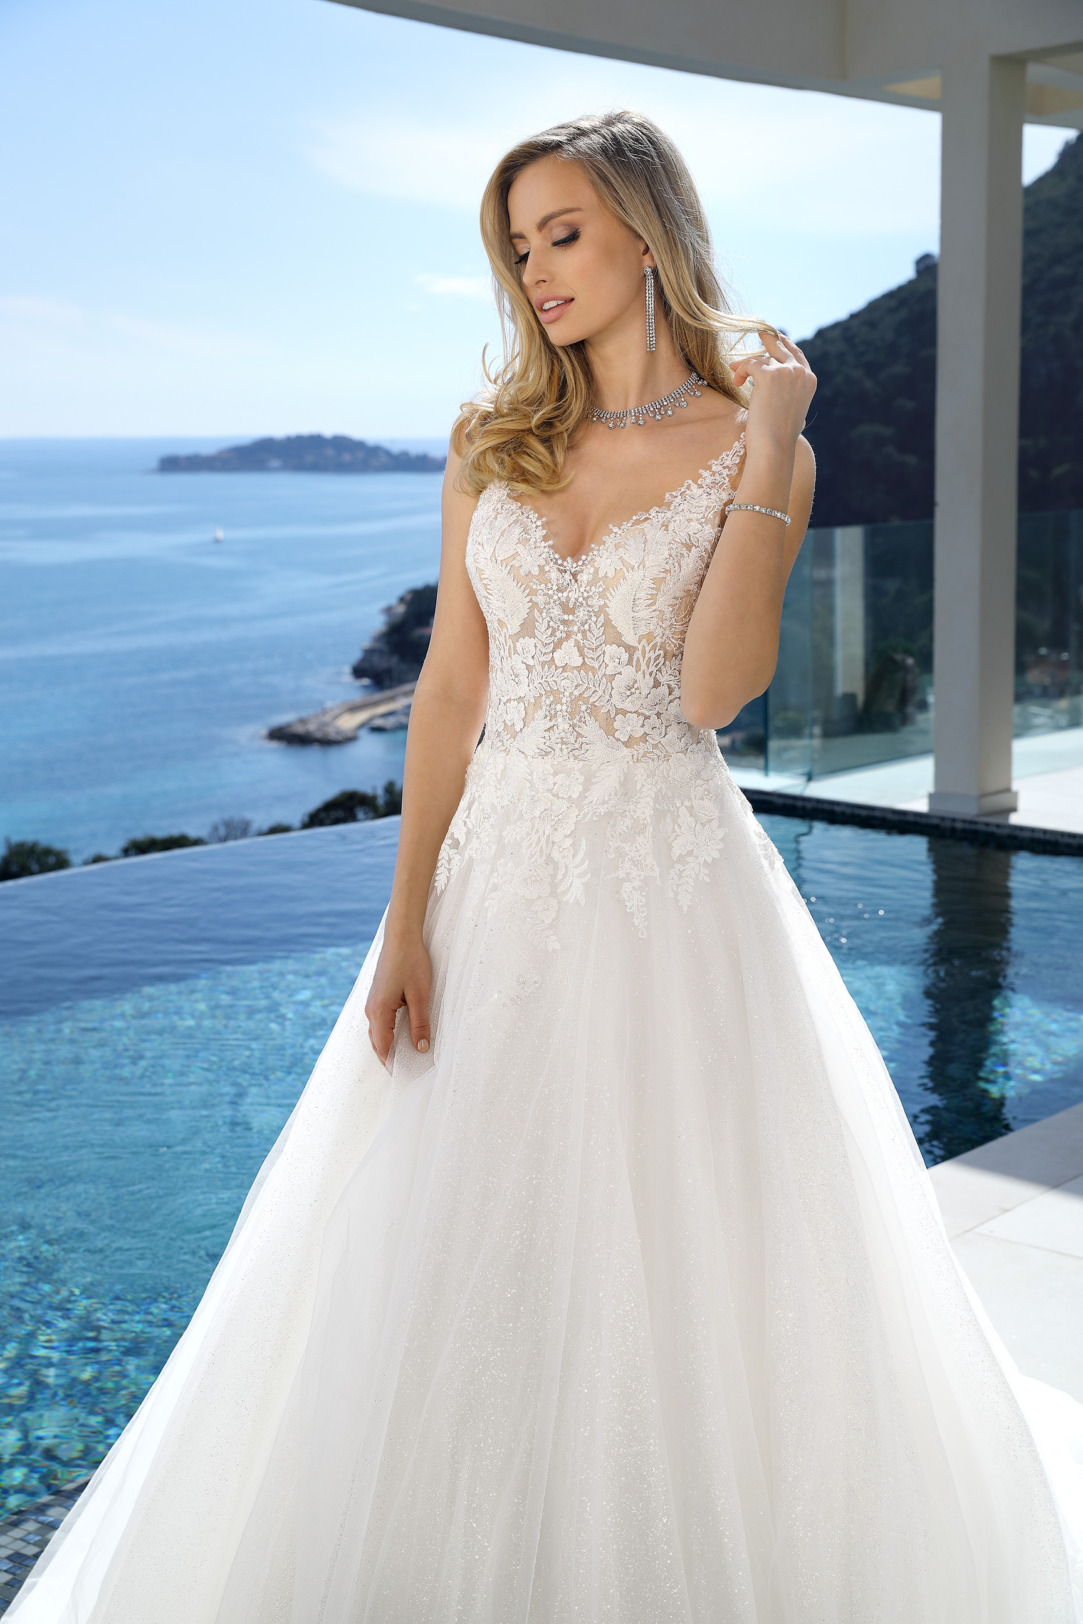 Nahaufnahme vorne. Brautkleid in A-Linie von Ladybird Modell 321045. Wunderschöne Spitze, vorwiegend im Oberteil. Das Hochzeitskleid hat einen schönen V-Ausschnitt.